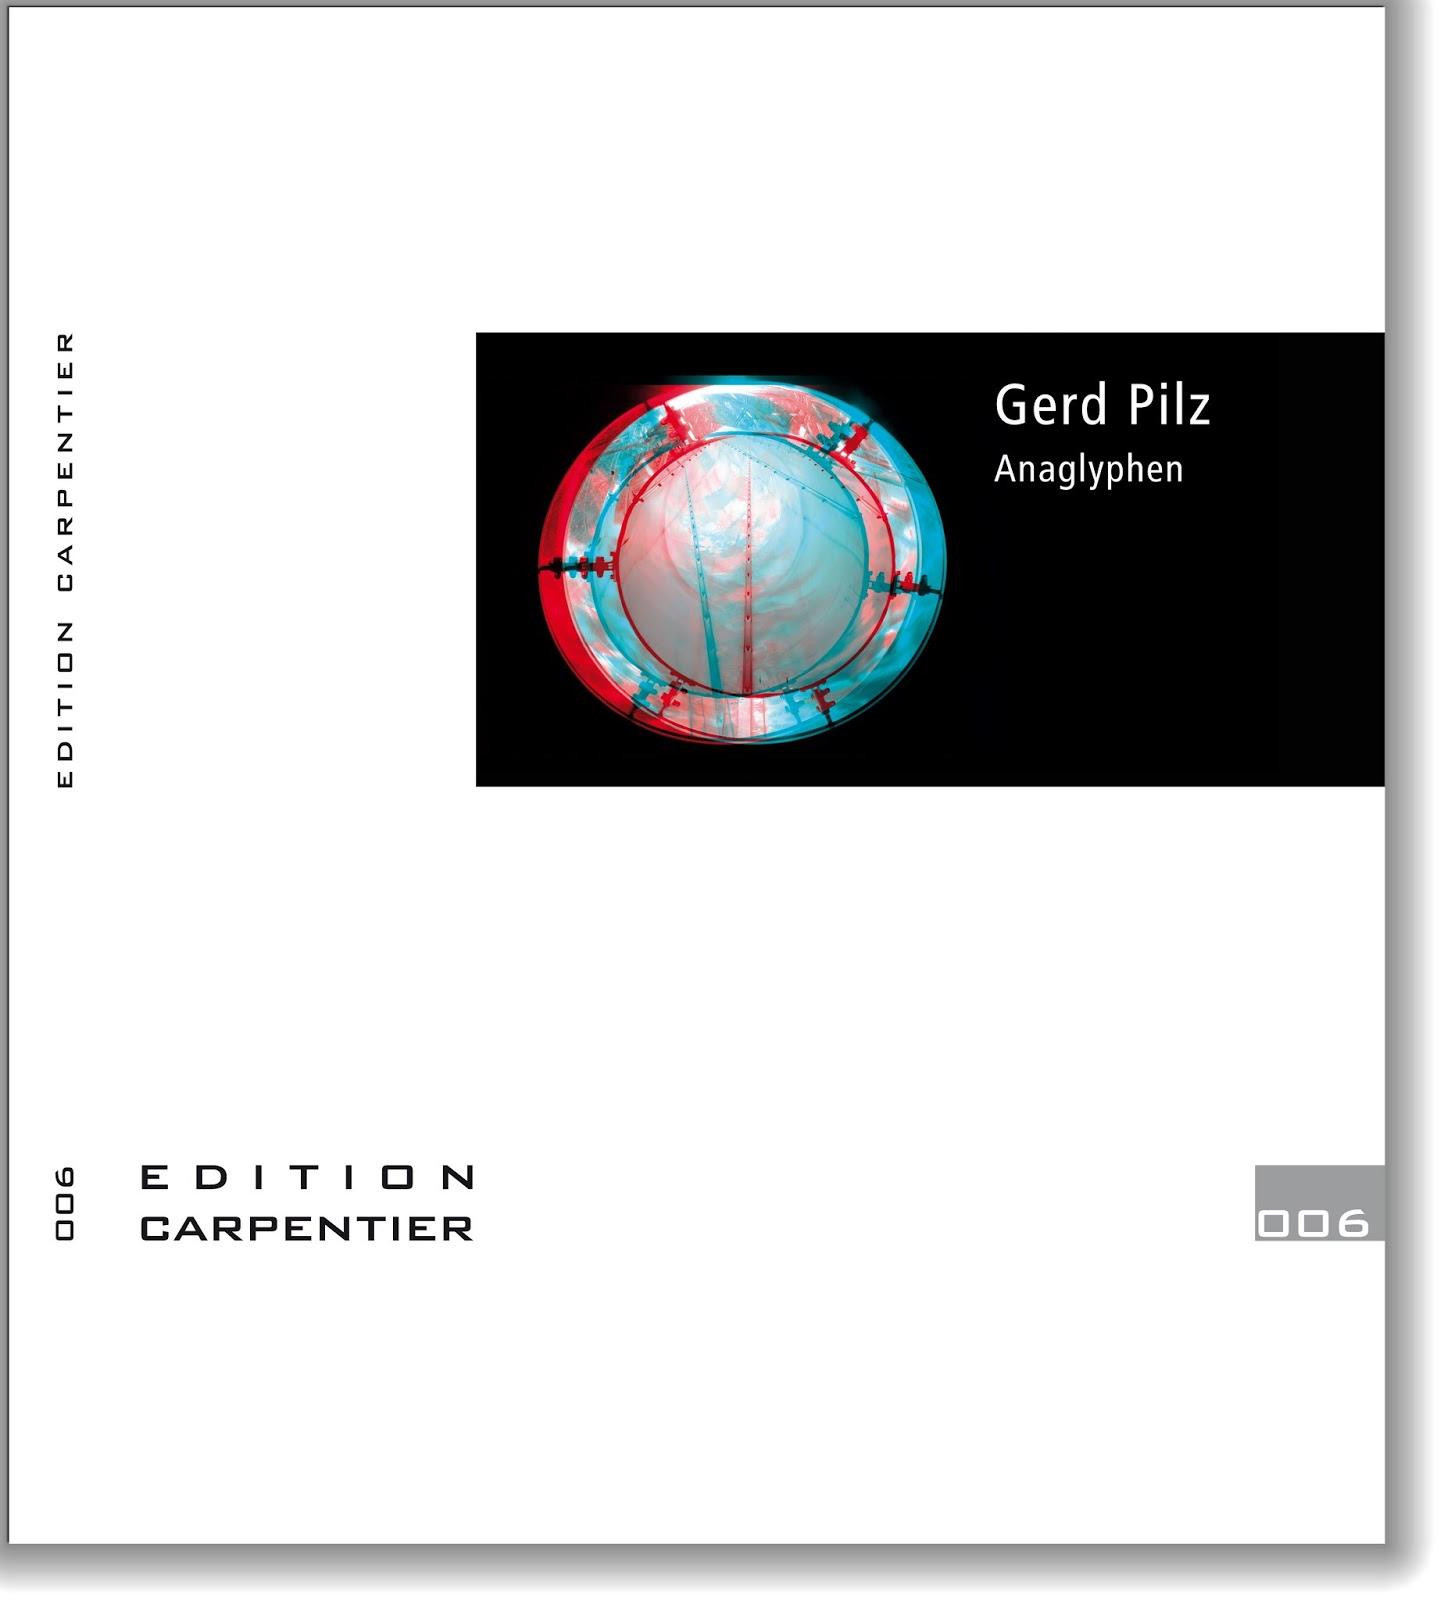 Fotodesign Berlin pilz fotodesign berlin gerd pilz anaglyphen mit 3d brille